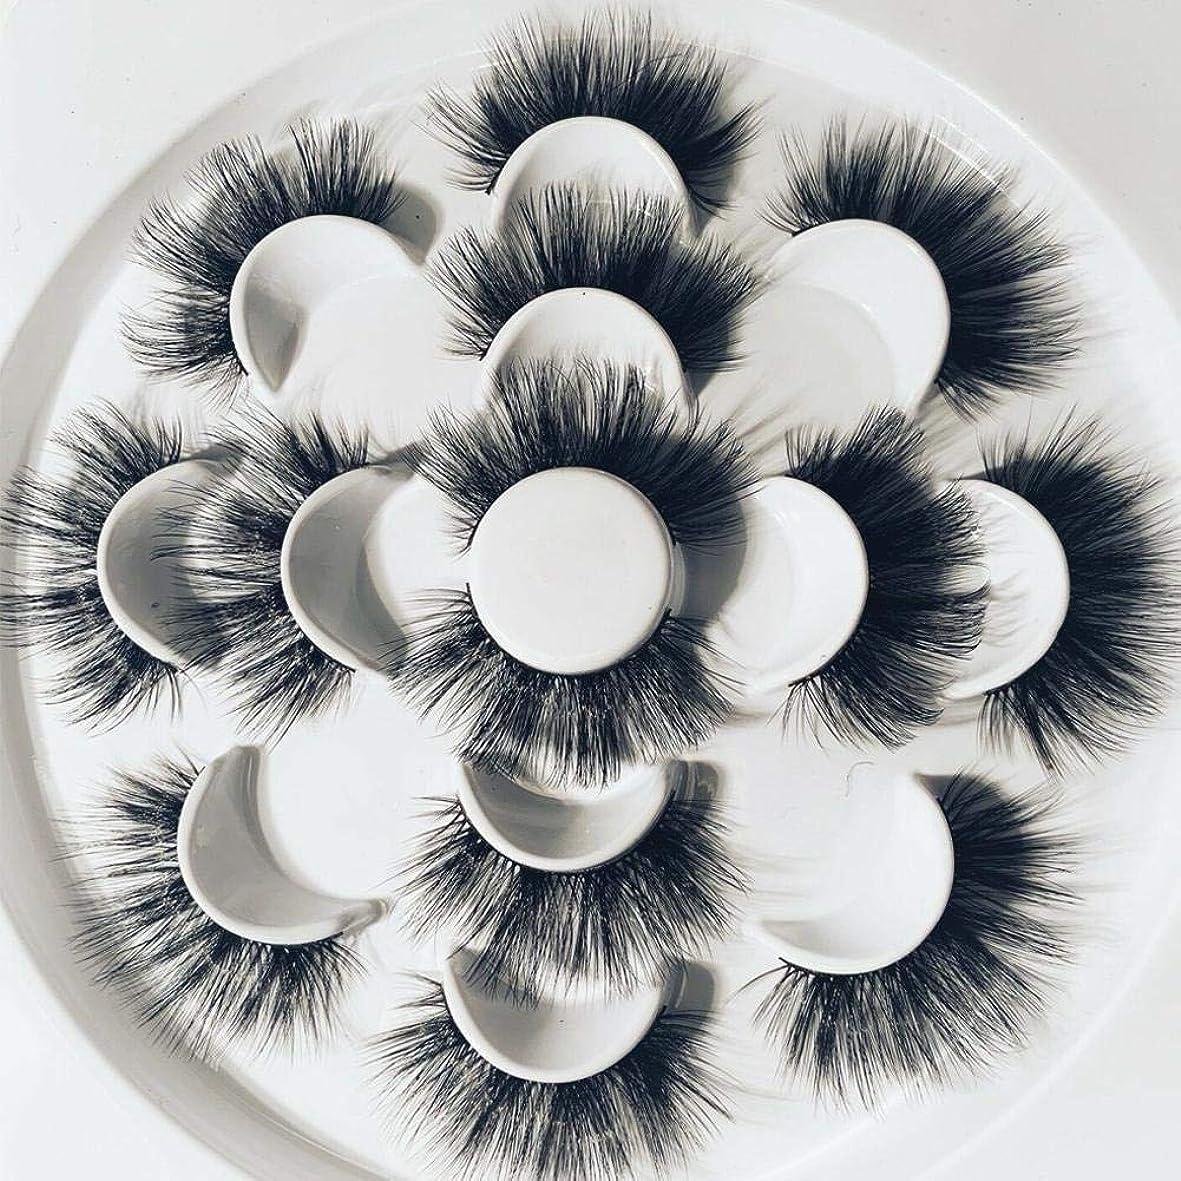 階層ボウリングプラスBETTER YOU (ベター ュー) 自然 濃密 ブラック つけまつげ 立体 舞台 アイメイク 使いやすい 7対入れ (1)